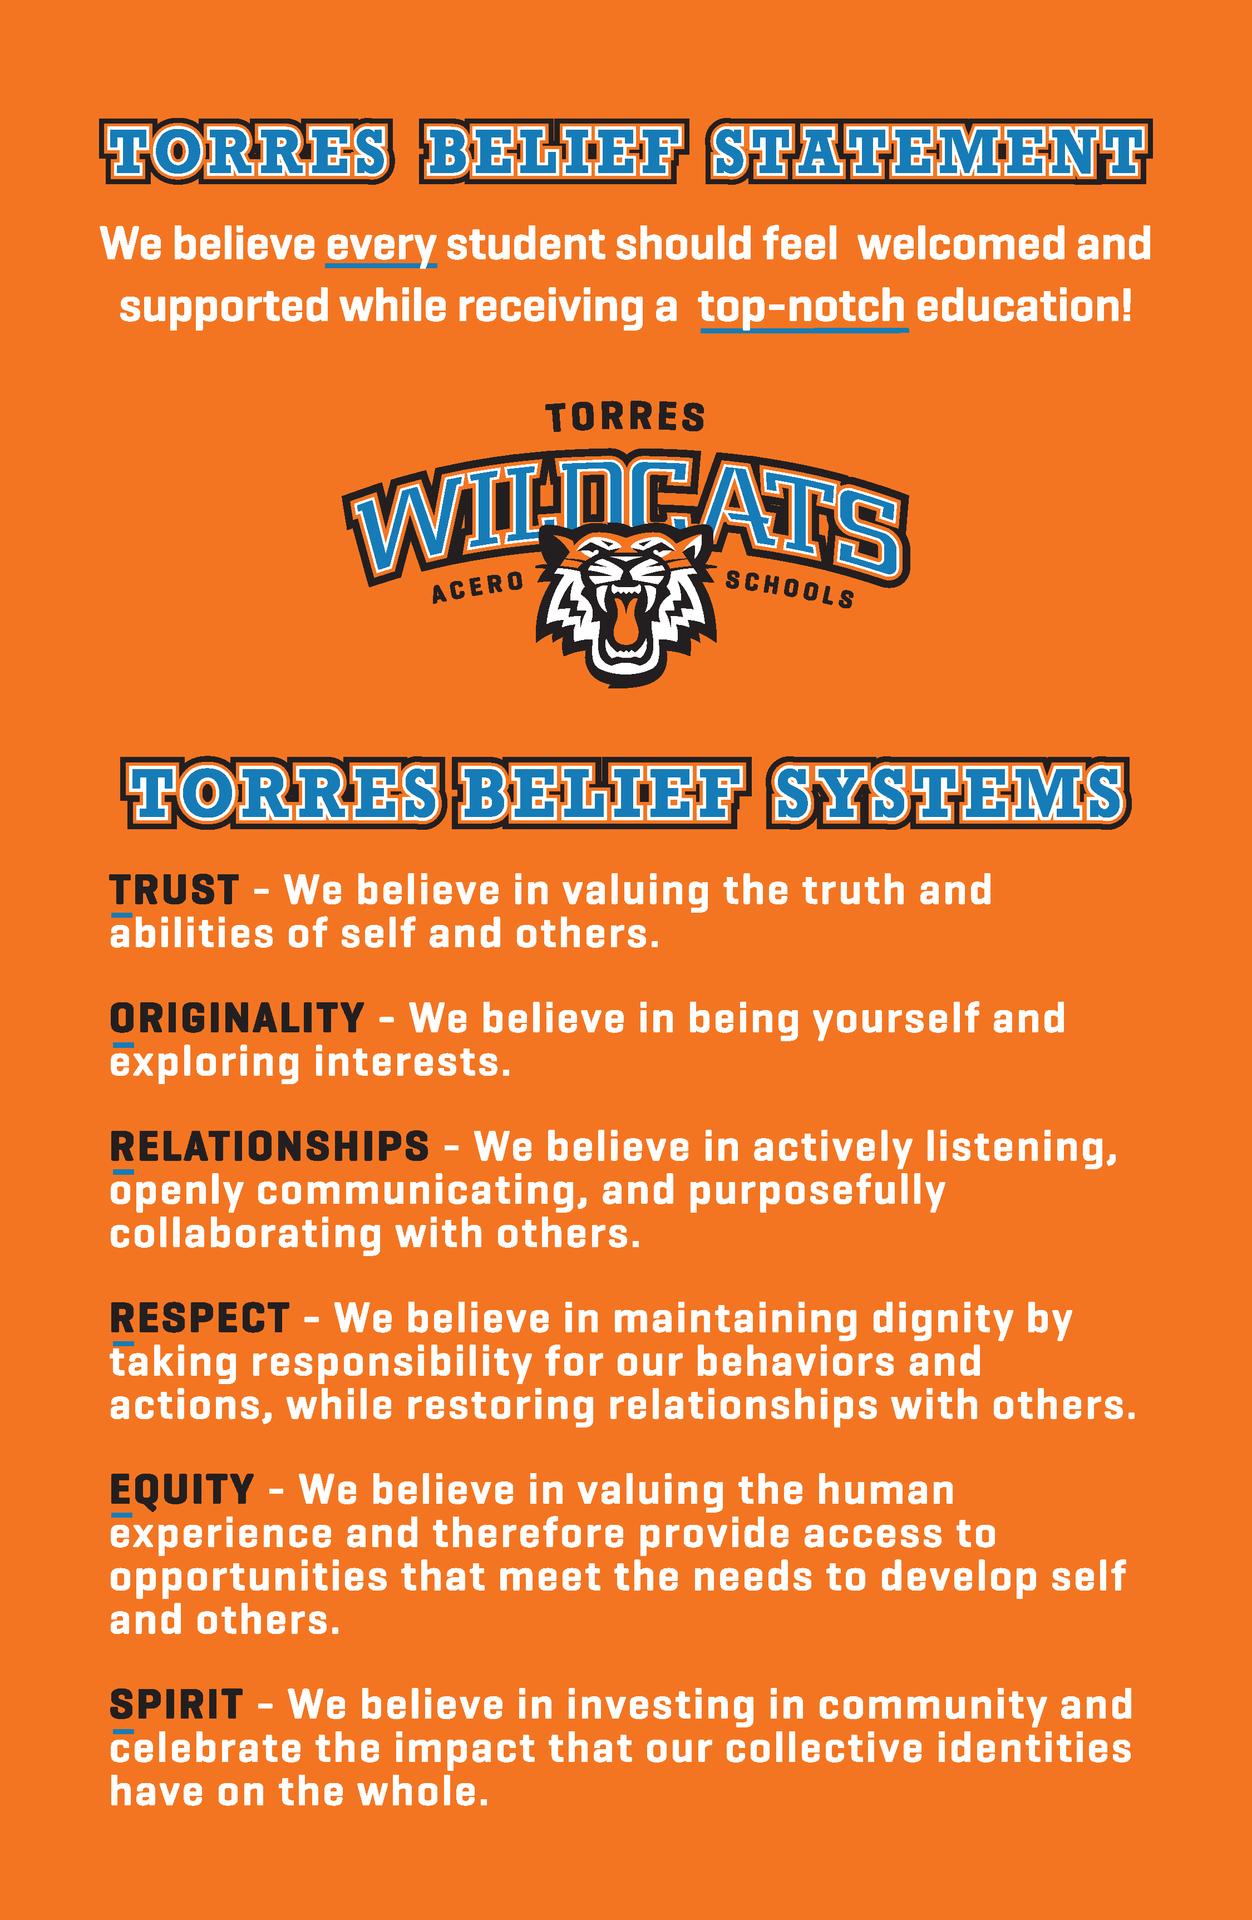 Torres beliefs